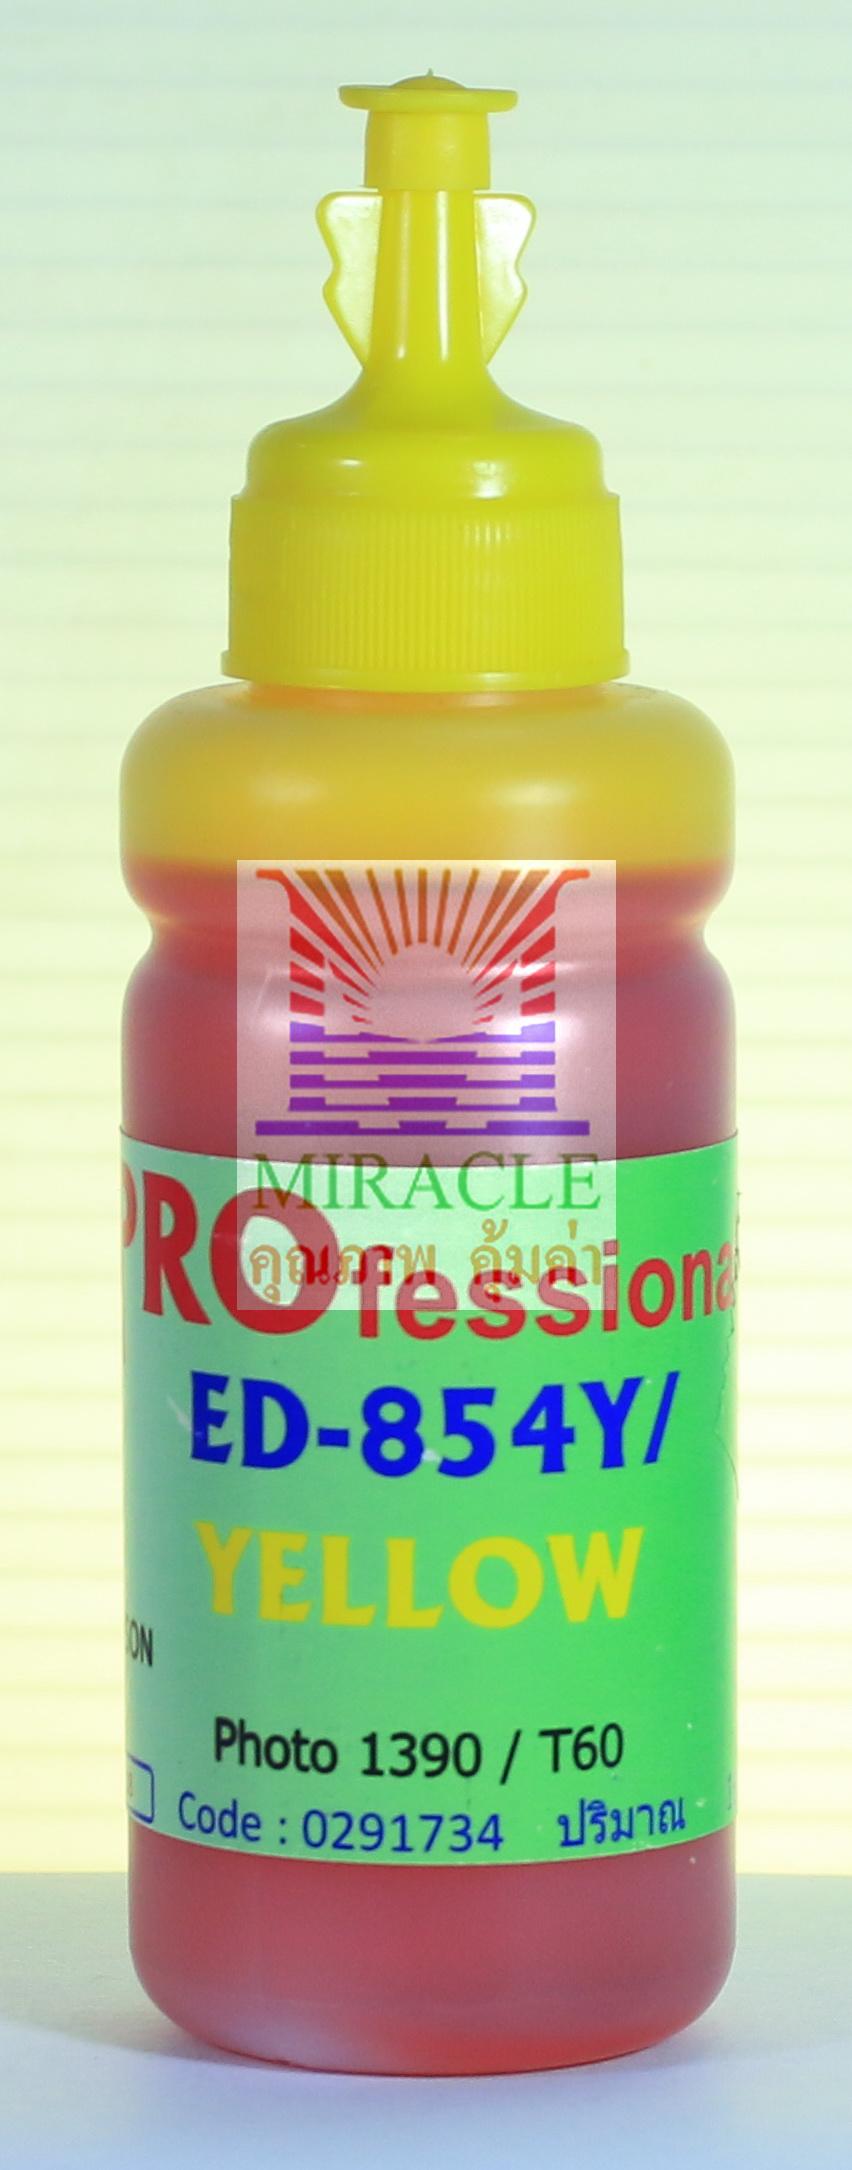 """น้ำหมึก MIRACLE Pro 100 cc for EPSON ED-854 """"YELLOW"""" มีสาร UV ป้องกันแสงแดด"""